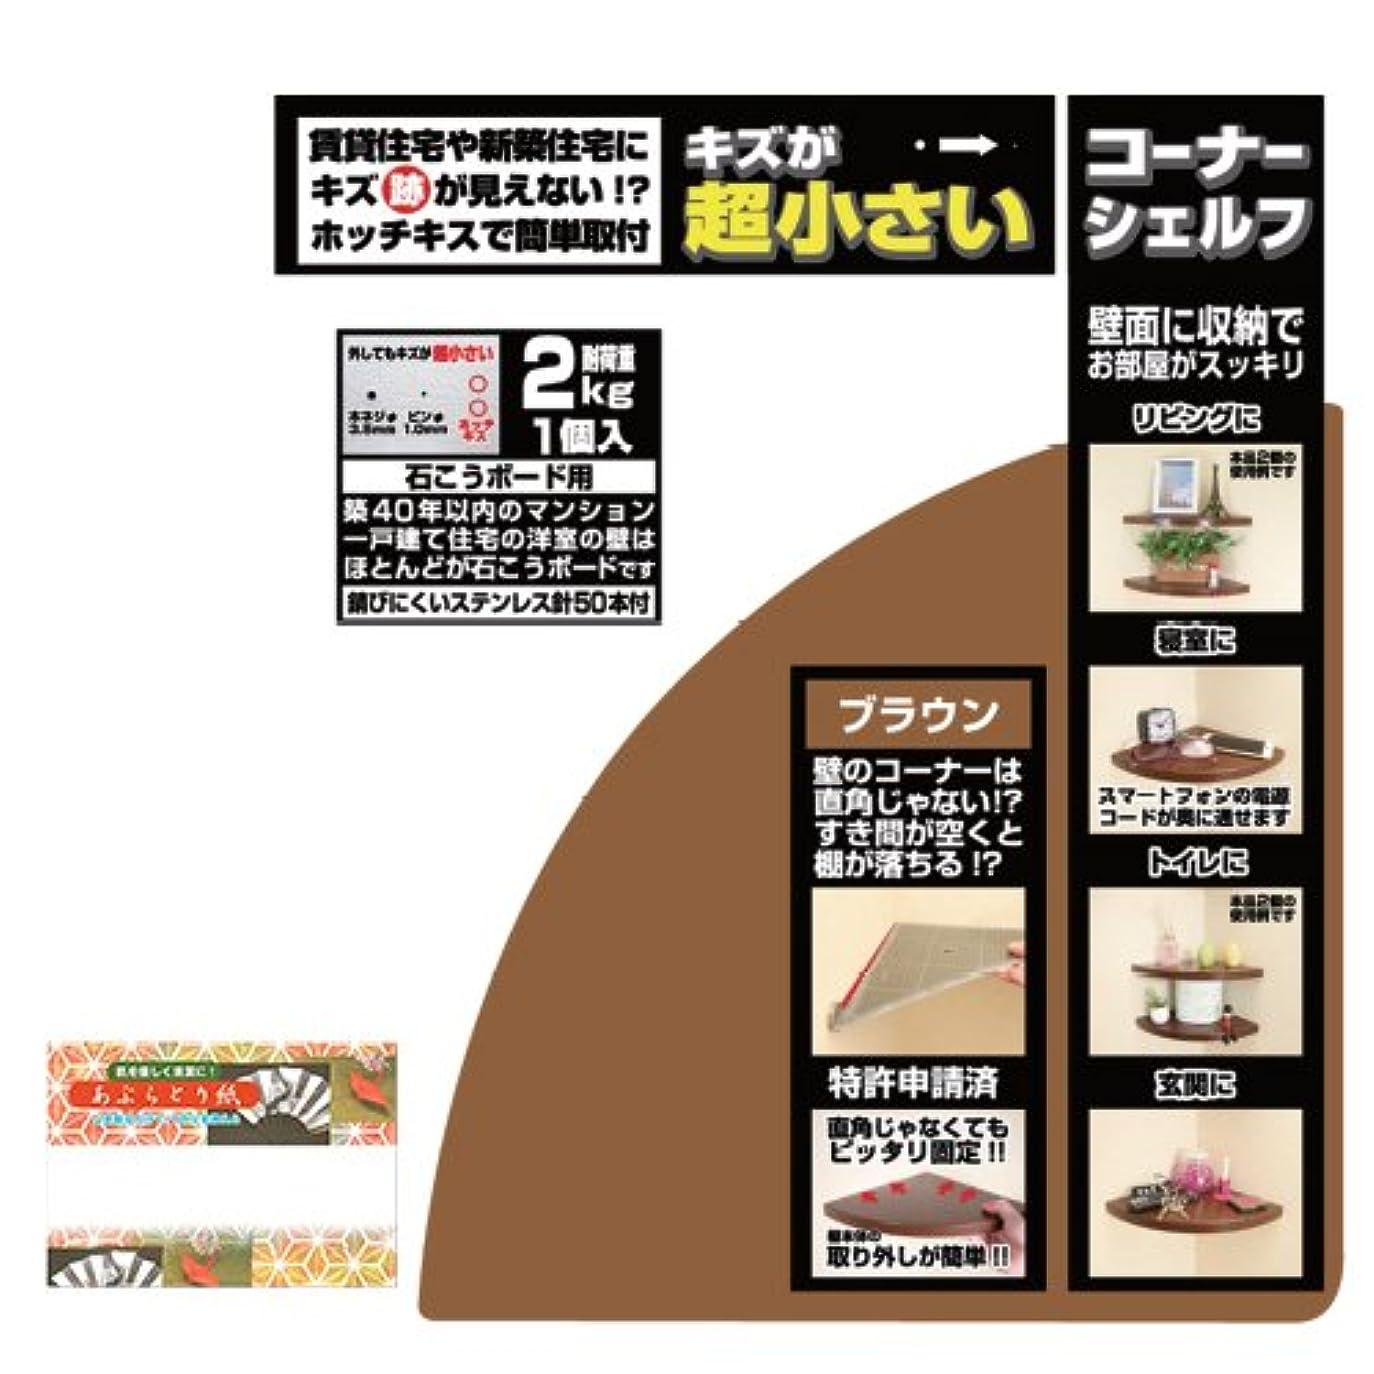 フリッパーどっちでも透けるウエルスジャパン キズが超小さいコーナーシェルフ ブラウン + 高級あぶらとり紙セット